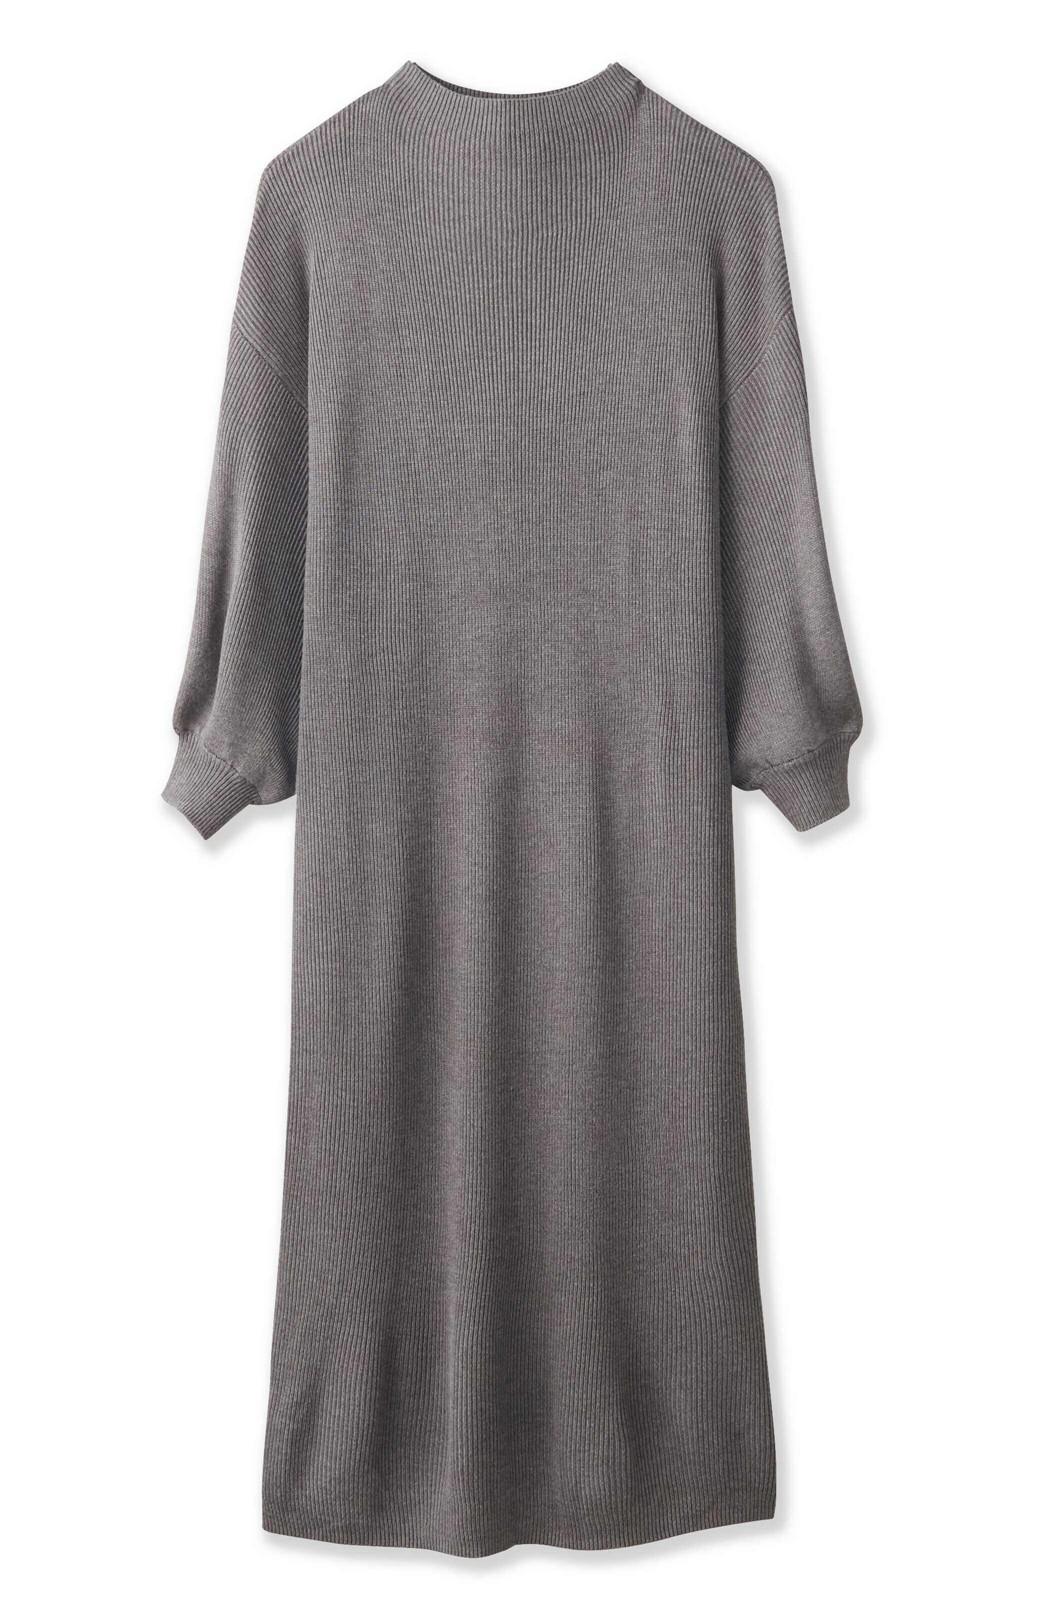 エムトロワ 吸湿発熱素材の袖ぷっくりリブニットワンピース <杢グレー>の商品写真2